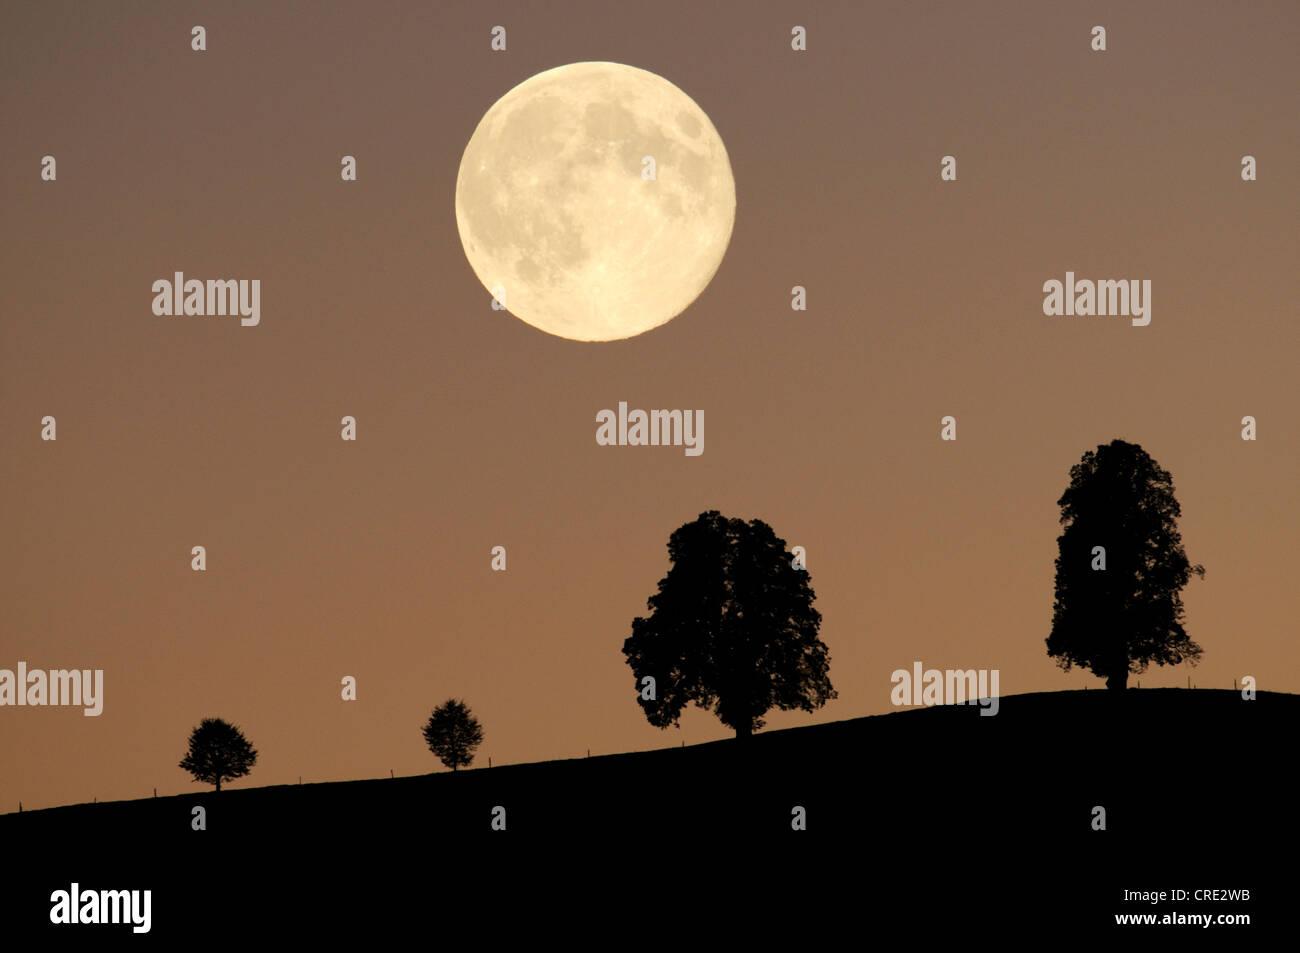 Las siluetas de los árboles a la luz de la luna llena, Hirzel, Suiza, Europa Imagen De Stock